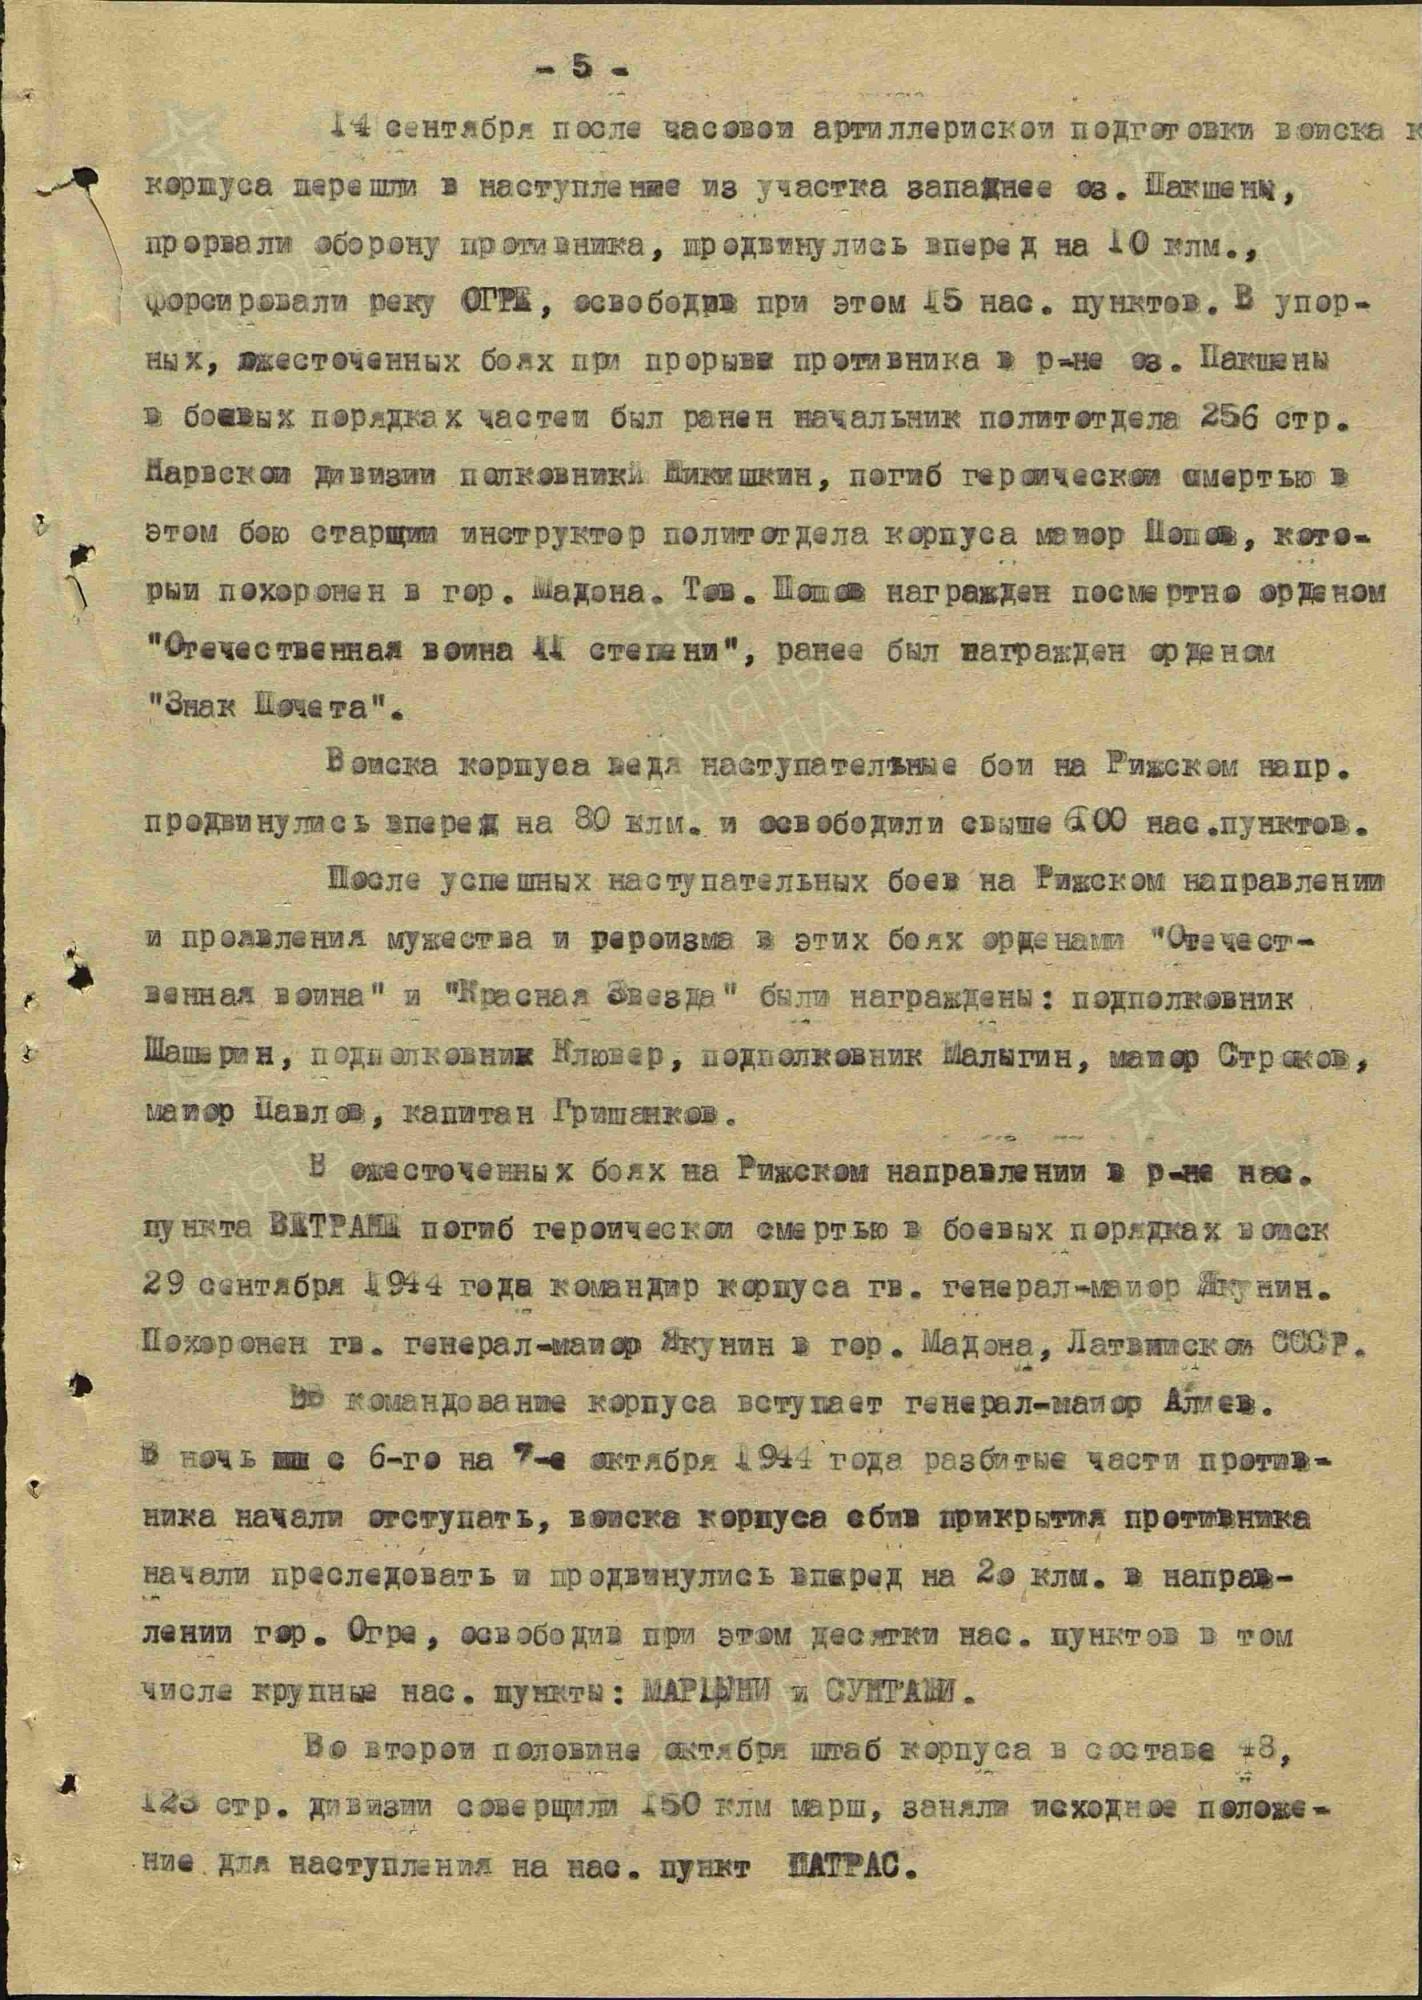 Историческая справка и боевой путь управления 124 ск, проекте «Память народа».